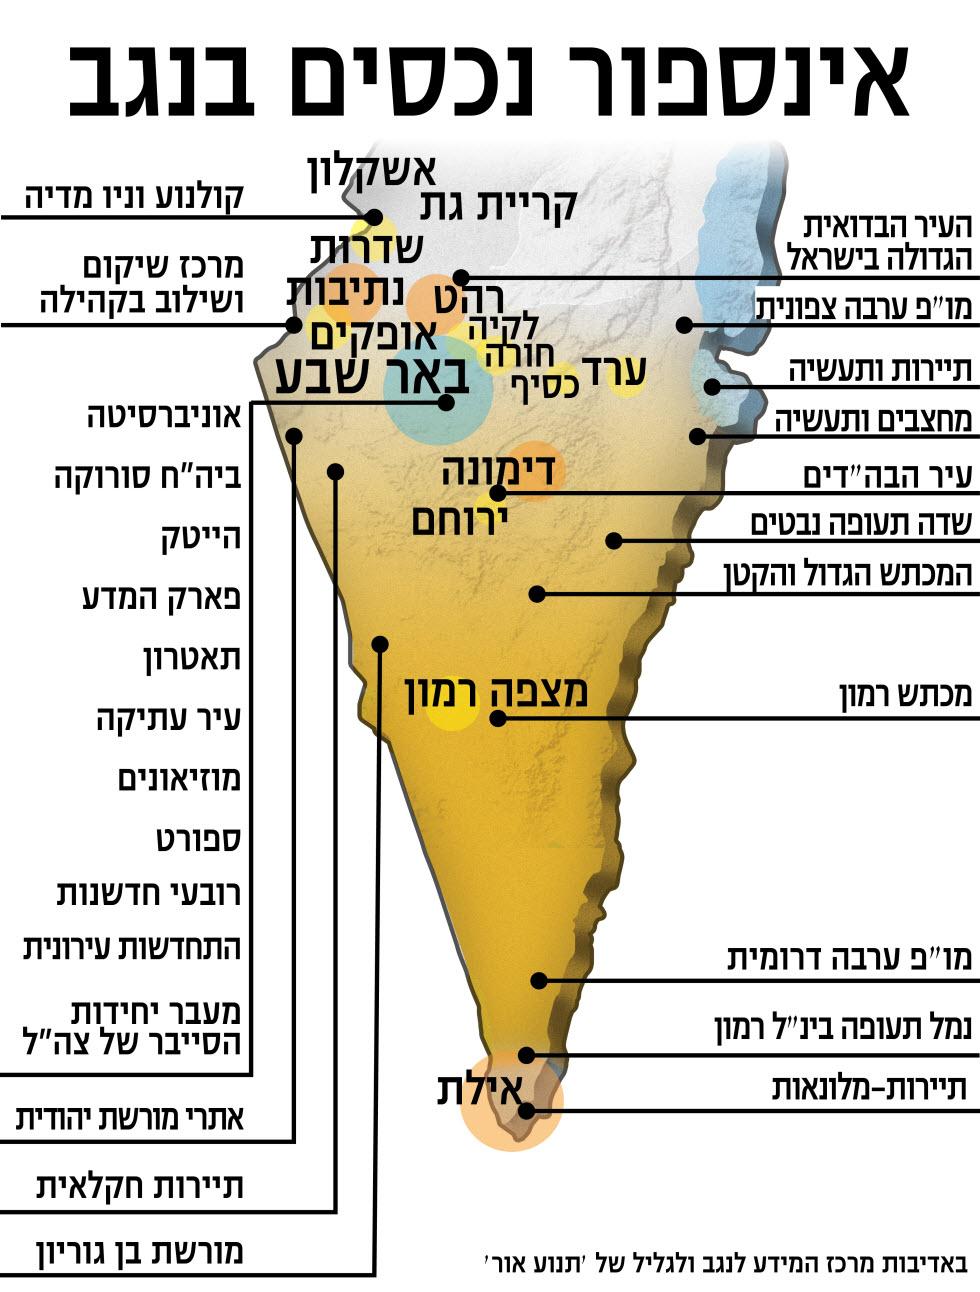 מפץ ההזדמנויות של הנגב (הנתונים באדיבות תנועת אור ומיזם  ישראל 2048 - עתיד משותף)